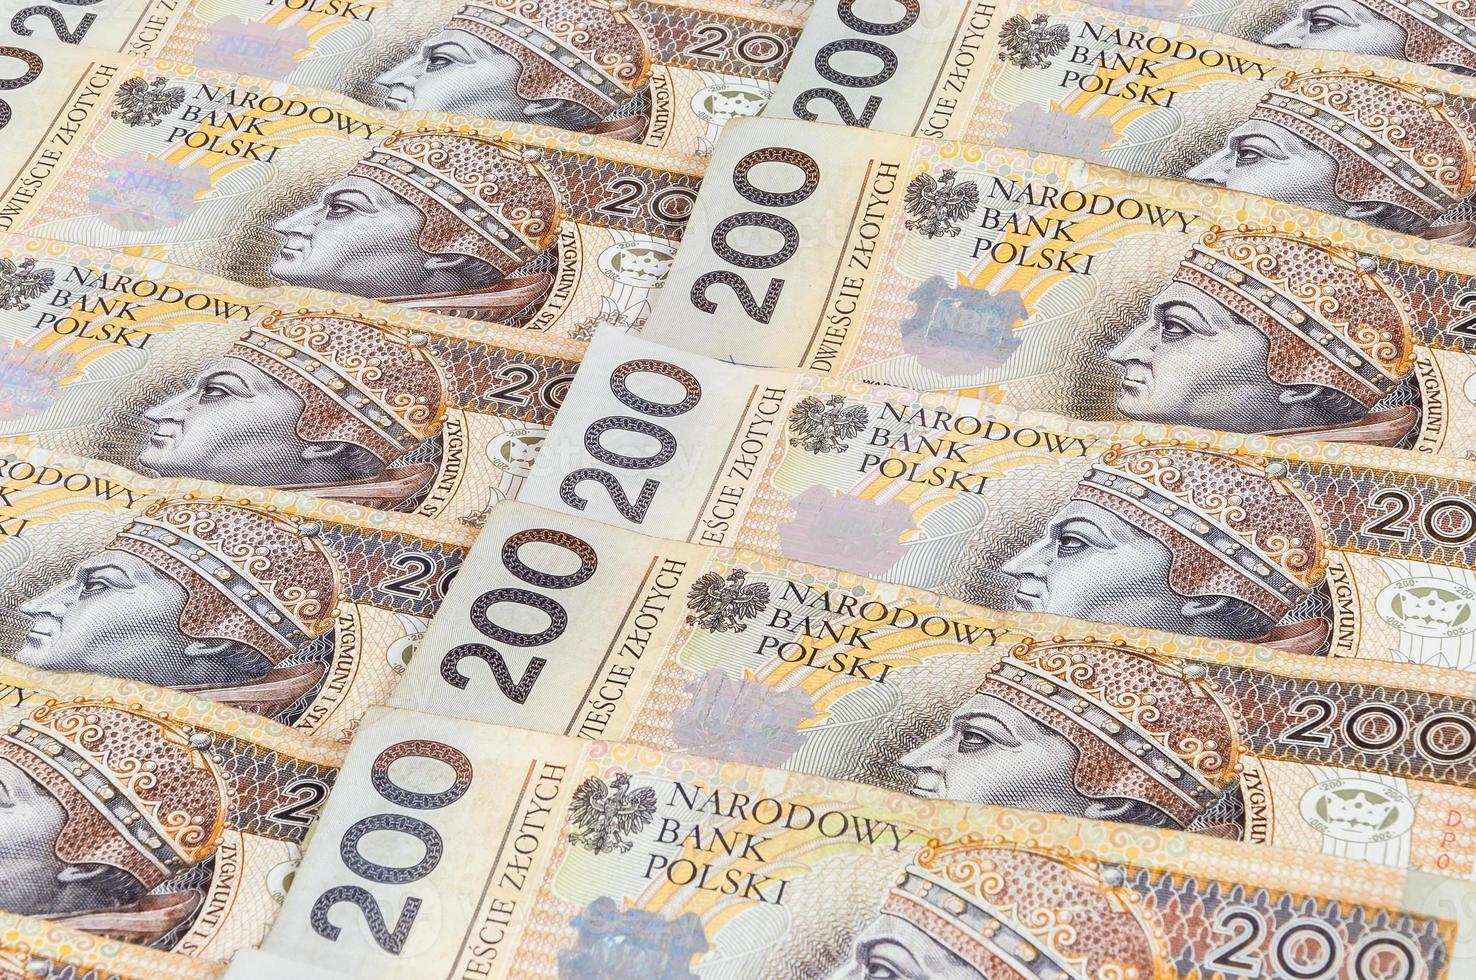 bankbiljetten van 200 pln - Poolse zloty foto